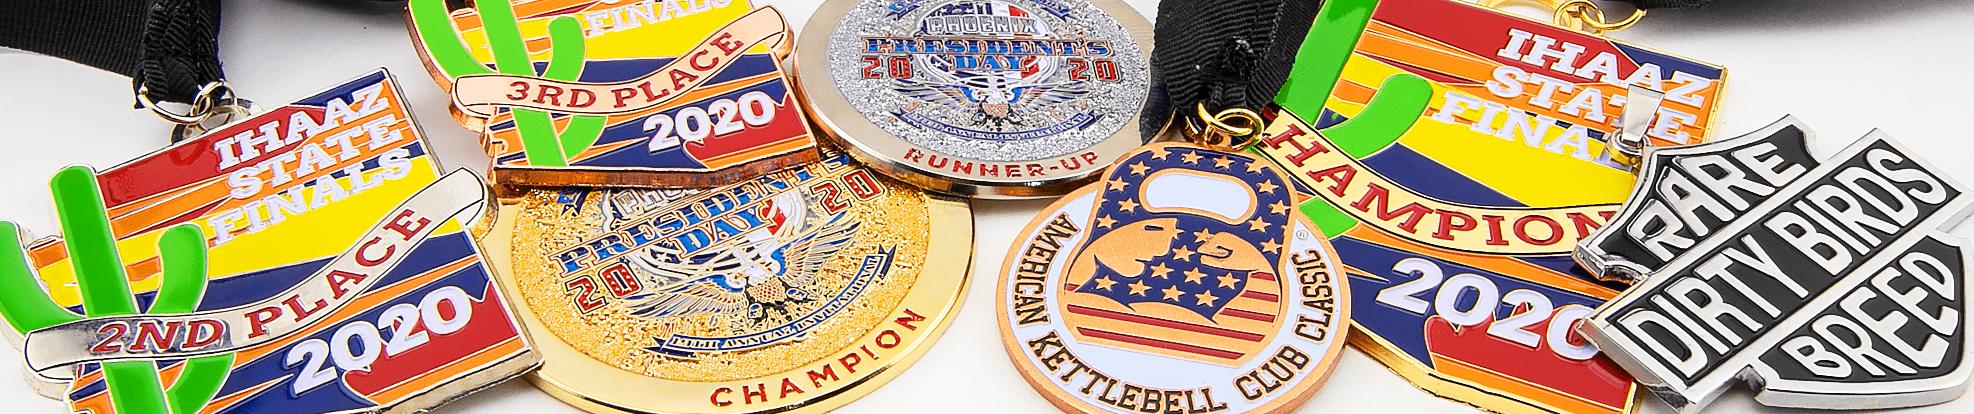 medal-plating-header